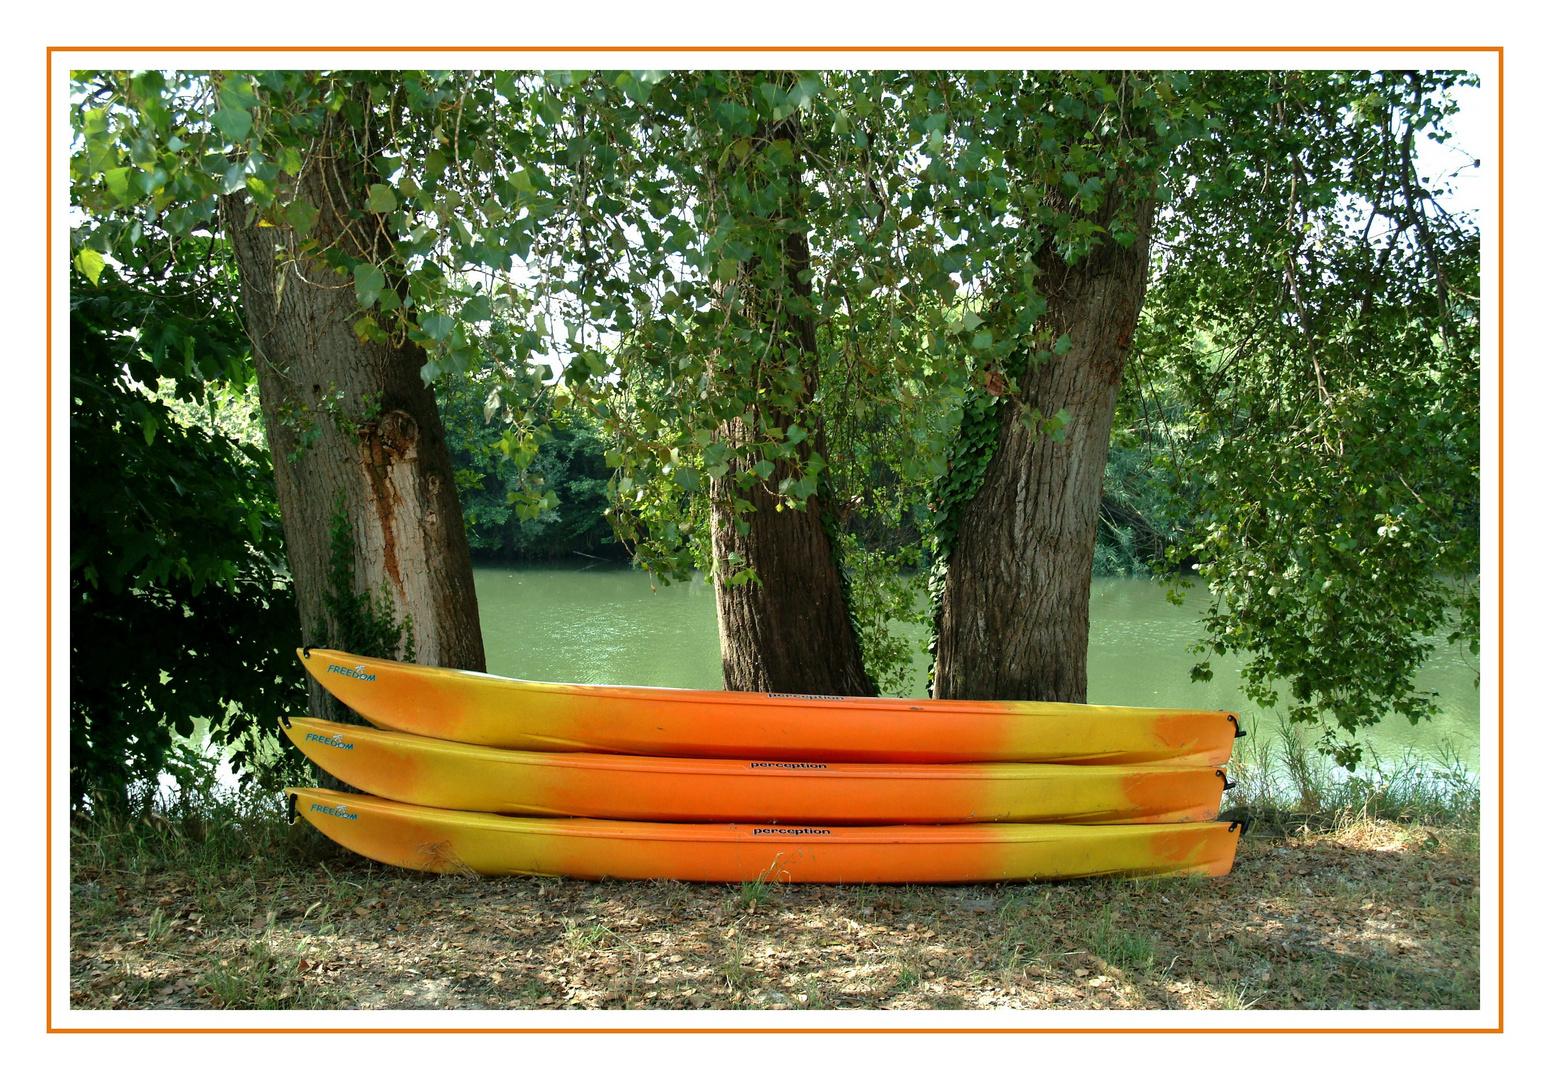 les canoës du tavignano